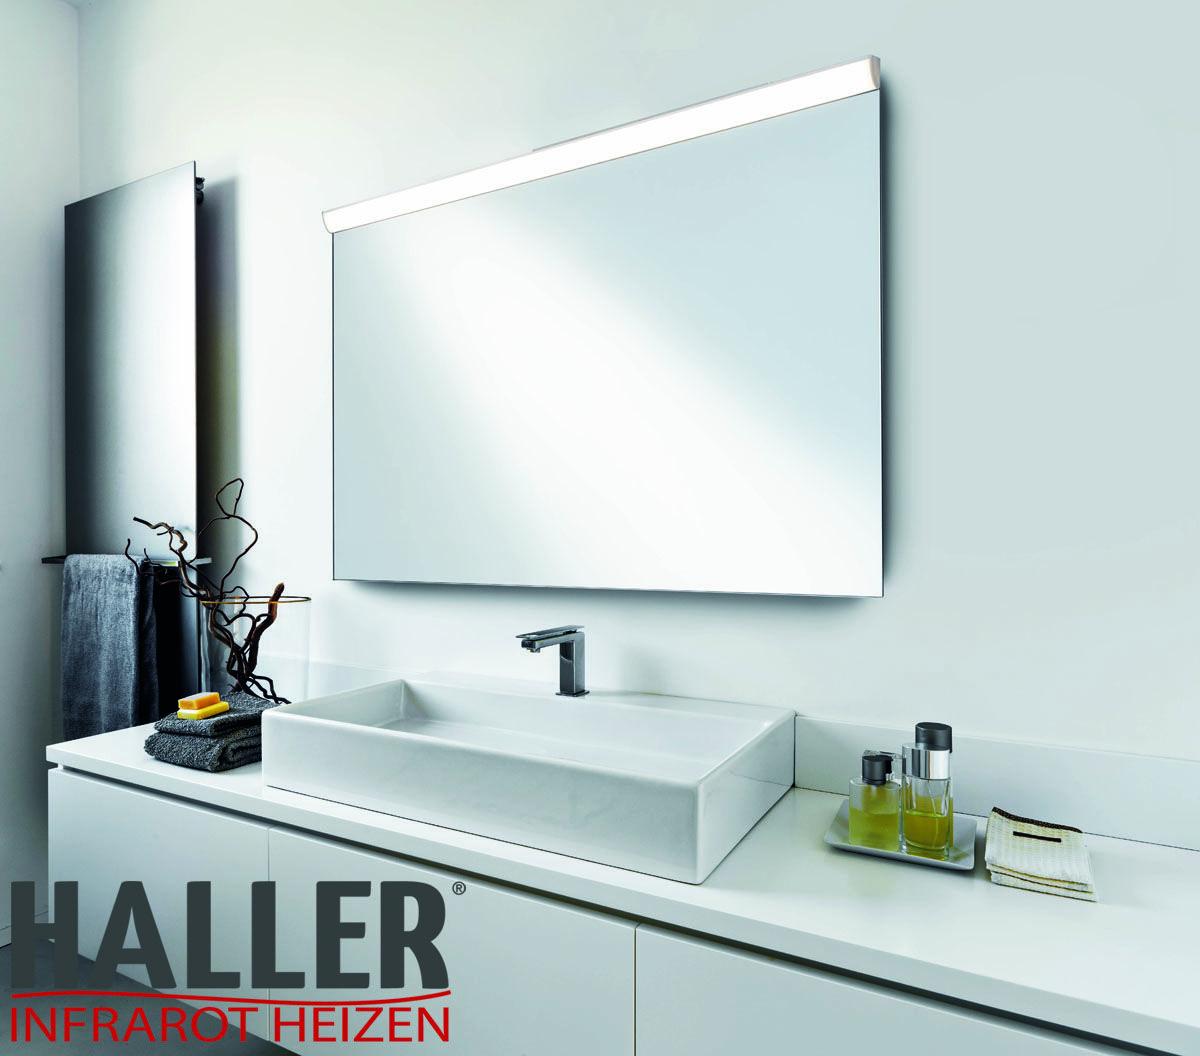 Die Warme Spiegelflache Ist Besonders In Feuchten Raumen Ein Vorteil Beschlagene Spiegel Gehoren Damit Der Vergangenhei Infrarotheizung Spiegelheizung Spiegel